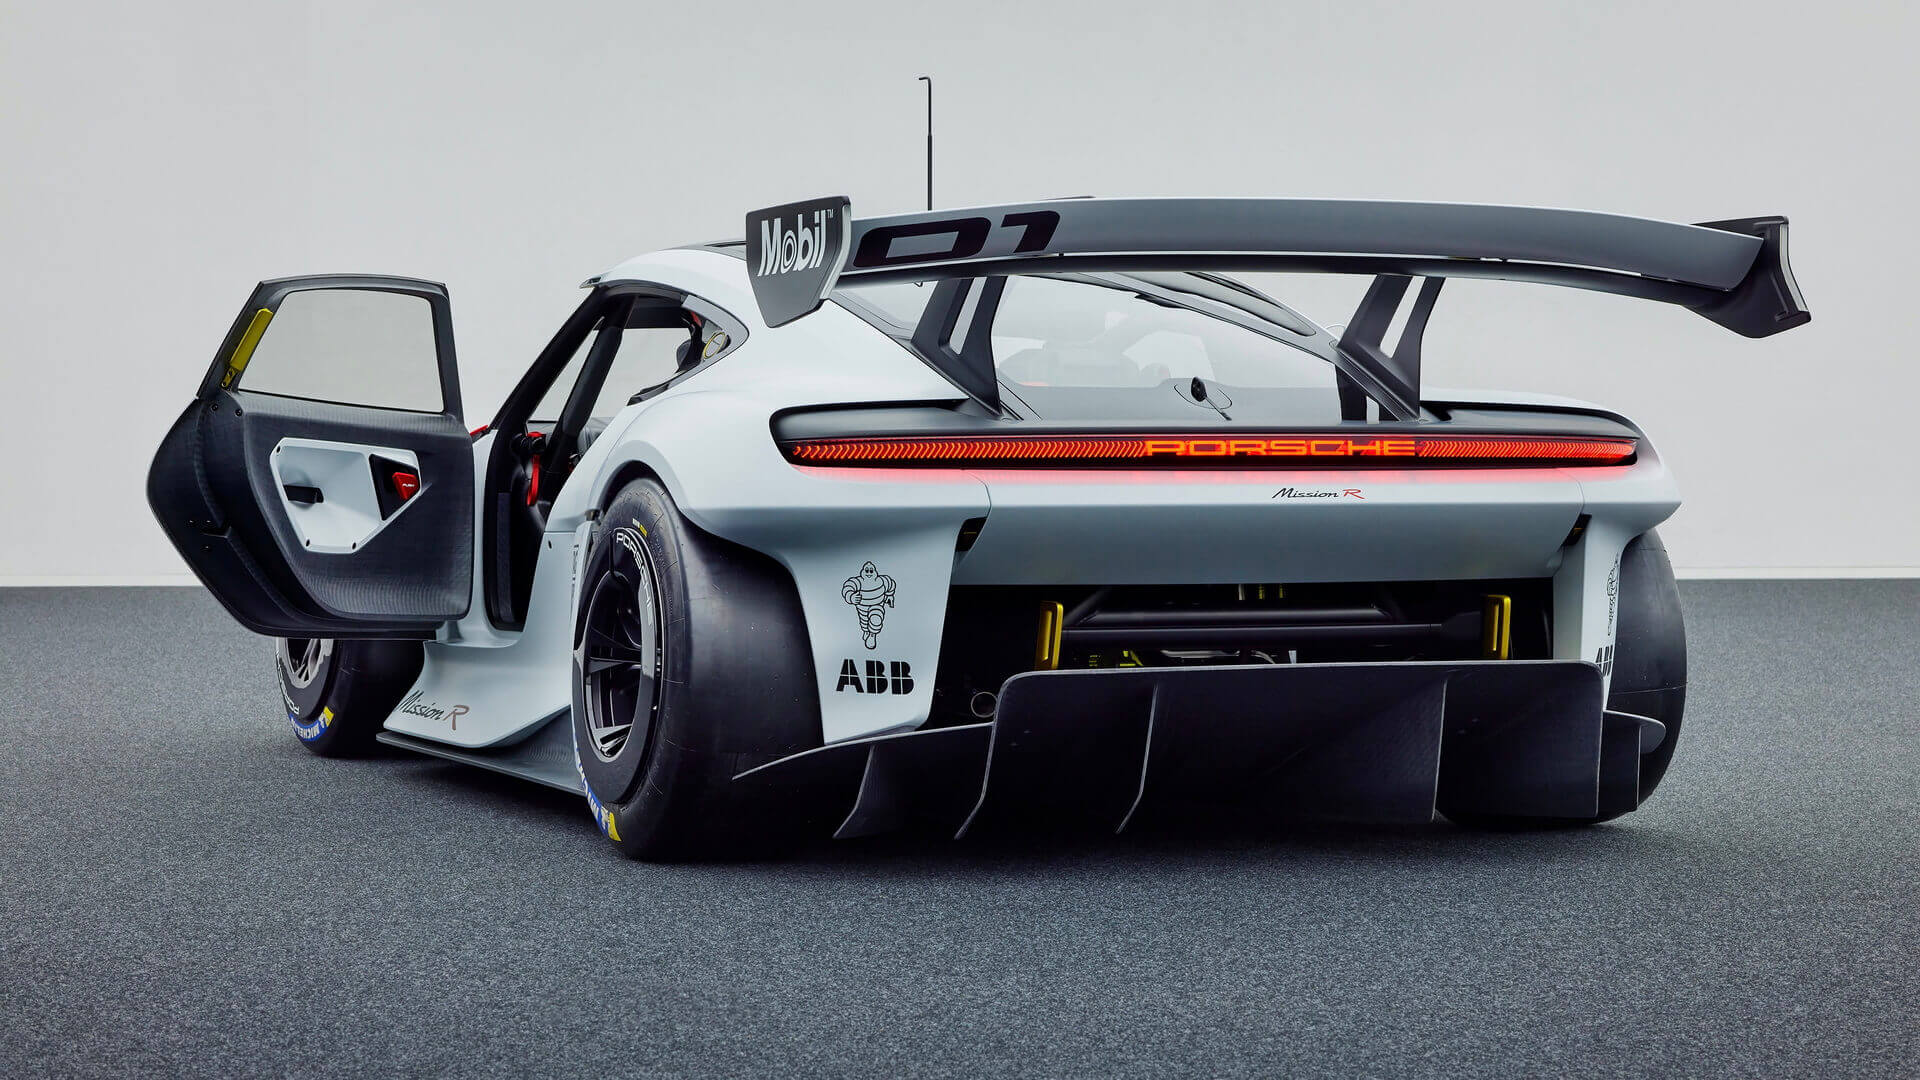 Porsche представляет концепт электрического спорткара Mission R мощностью 1088 л.с.